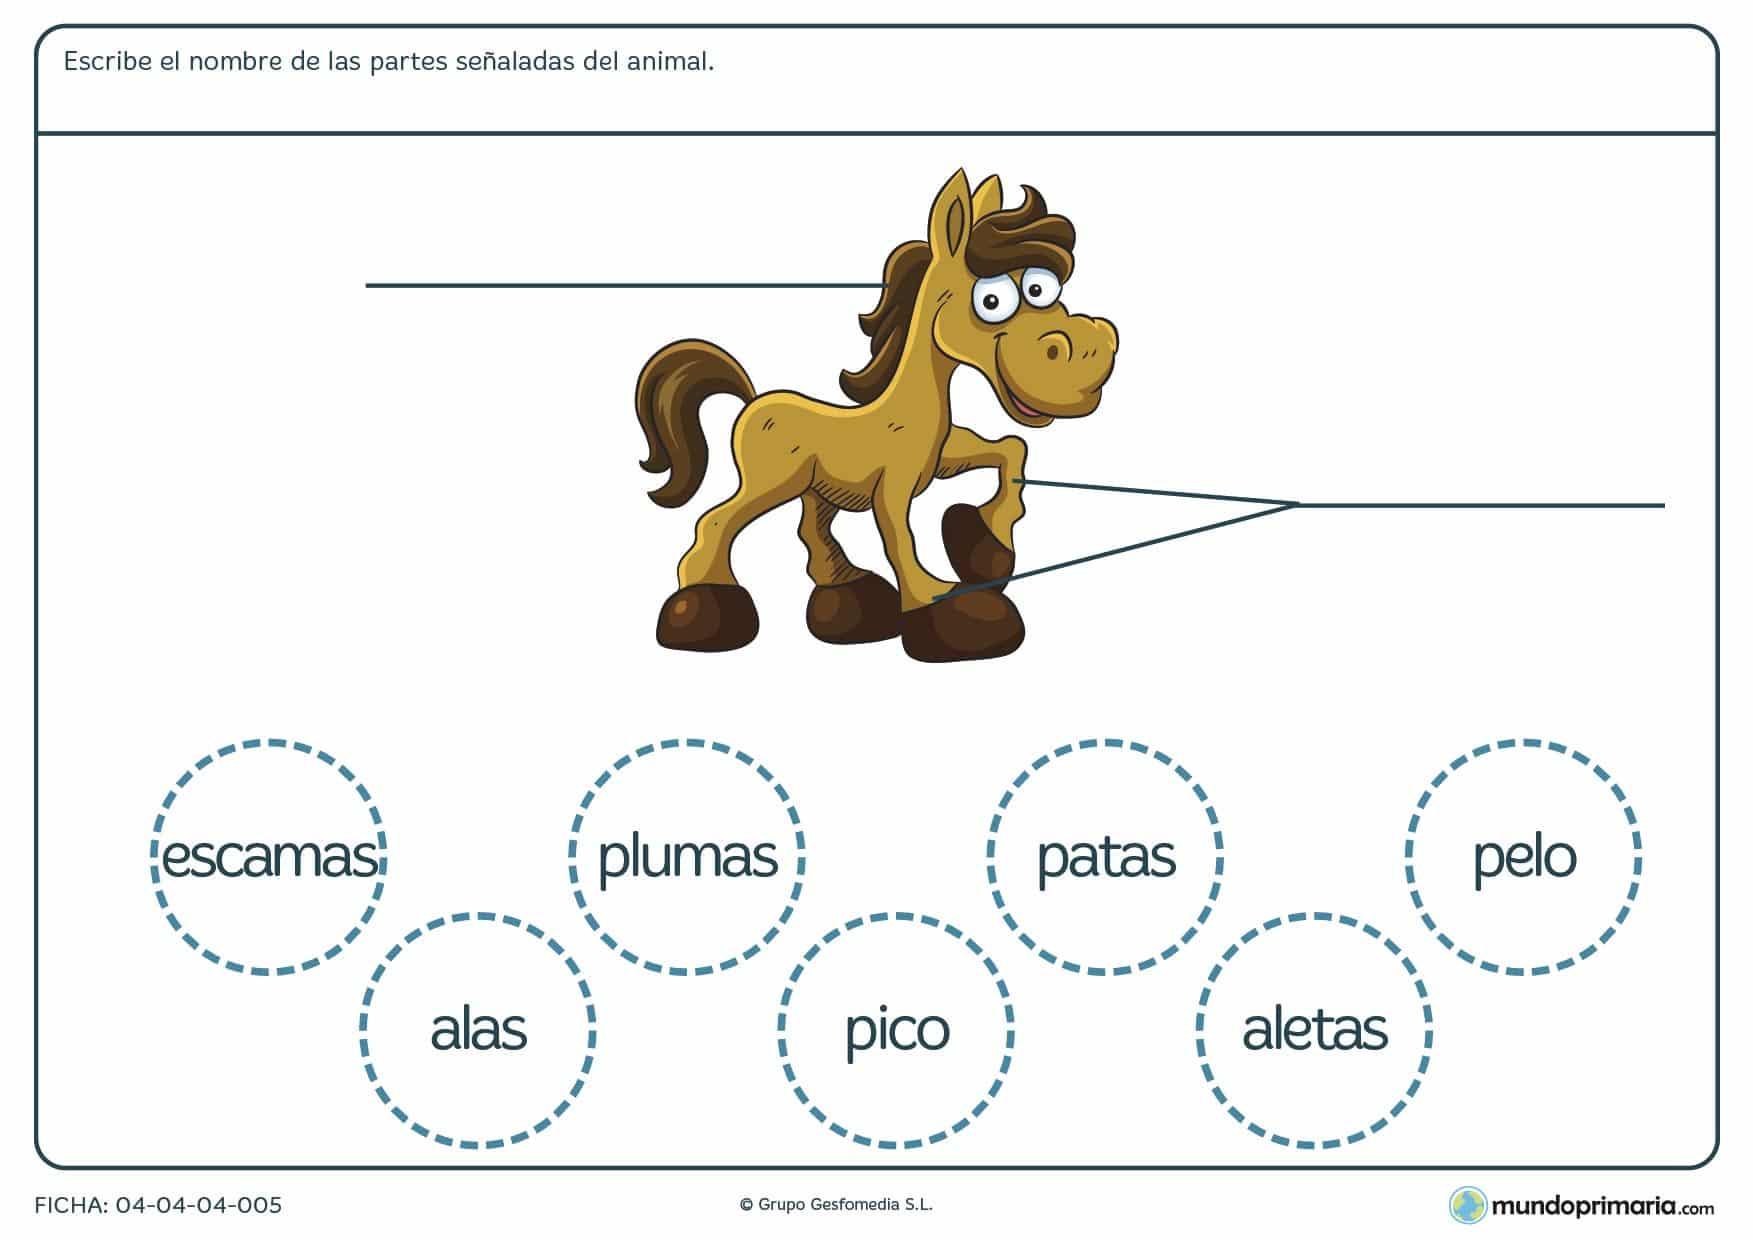 Ficha de las partes del caballo en el que hay que escribir las partes del animal según corresponda y eligiendo entre las opciones proporcionadas en el ejercicio.